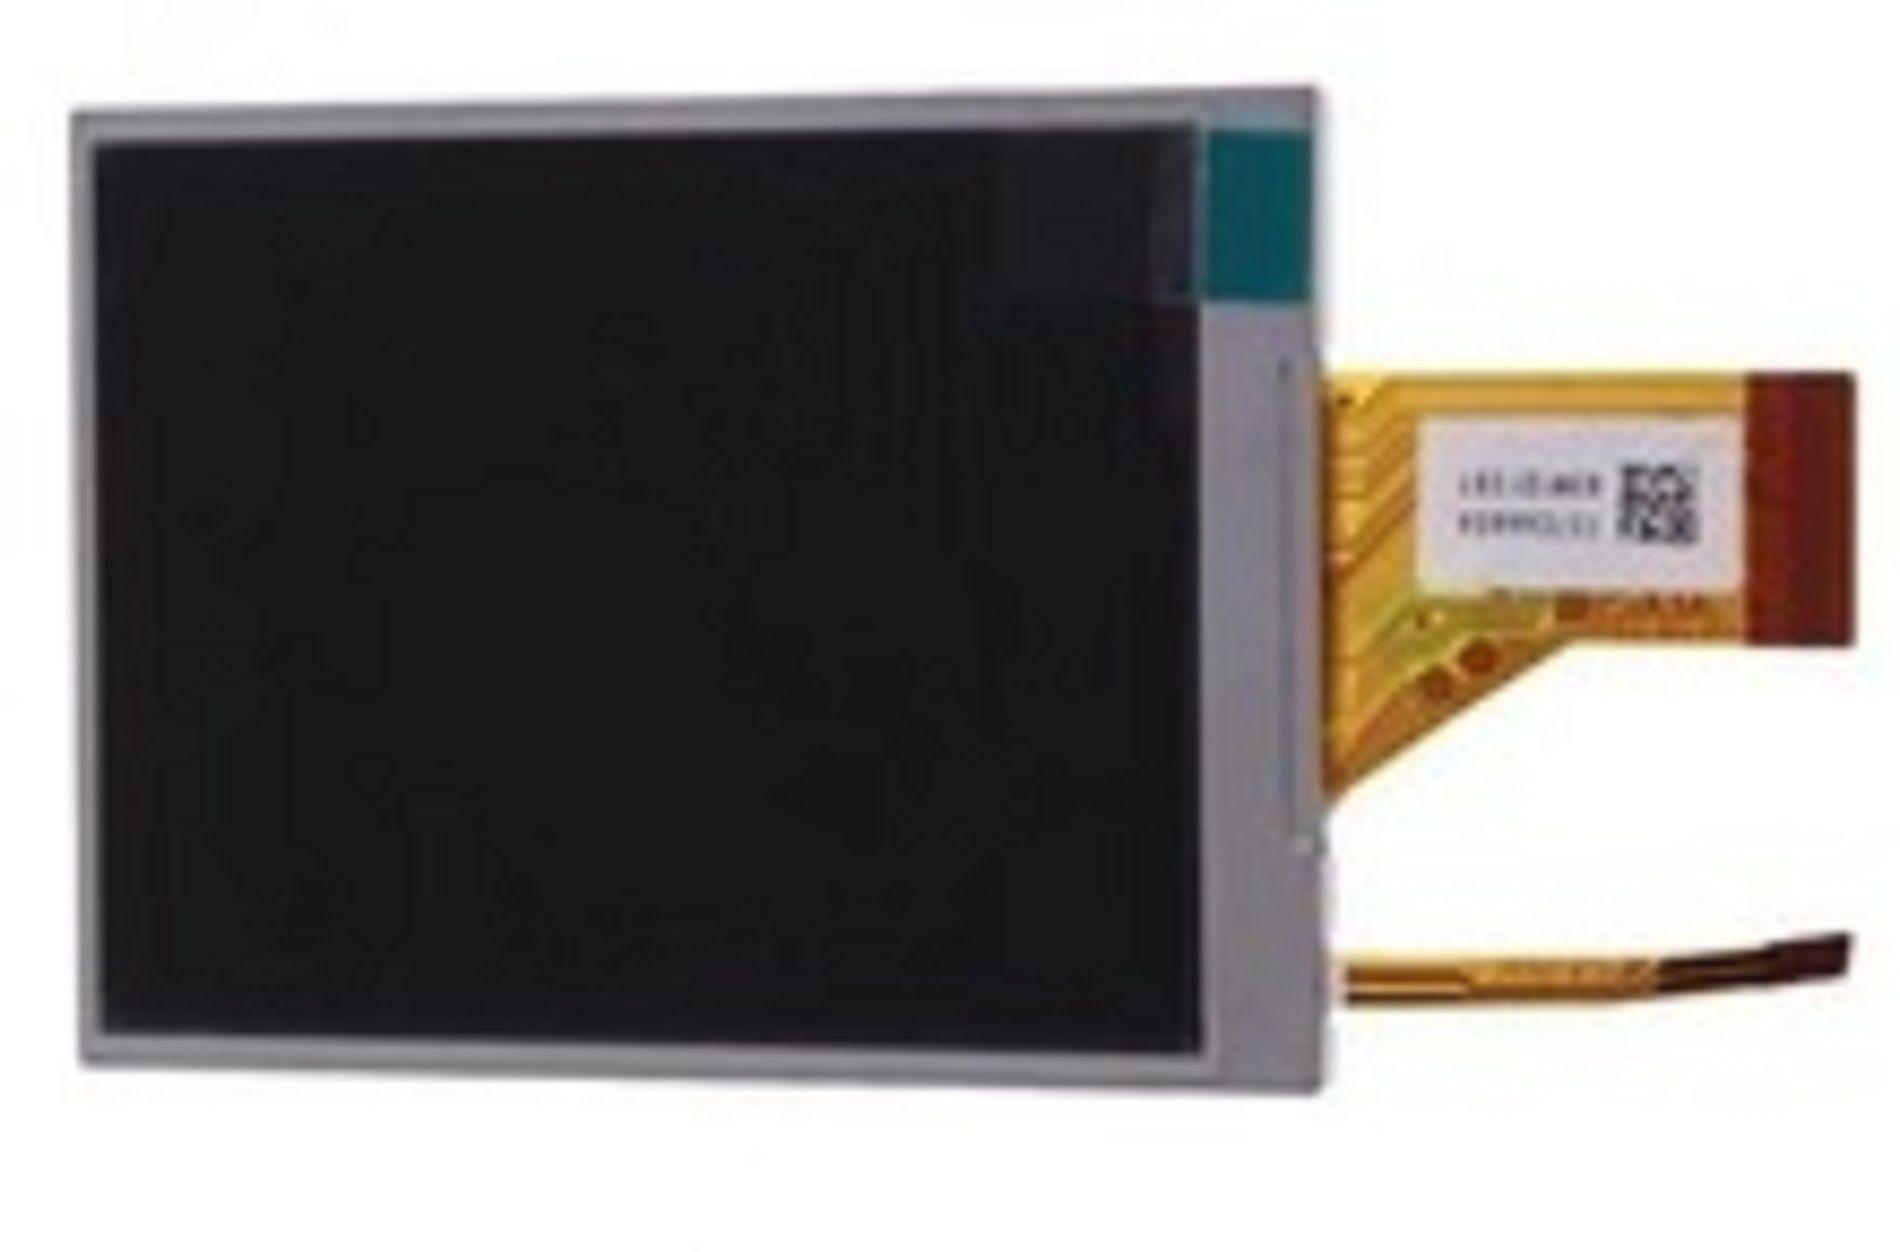 Display Lcd para Olympus FE320, FE340, U1040, U1070, U5000, U7010, SP590, FE7010